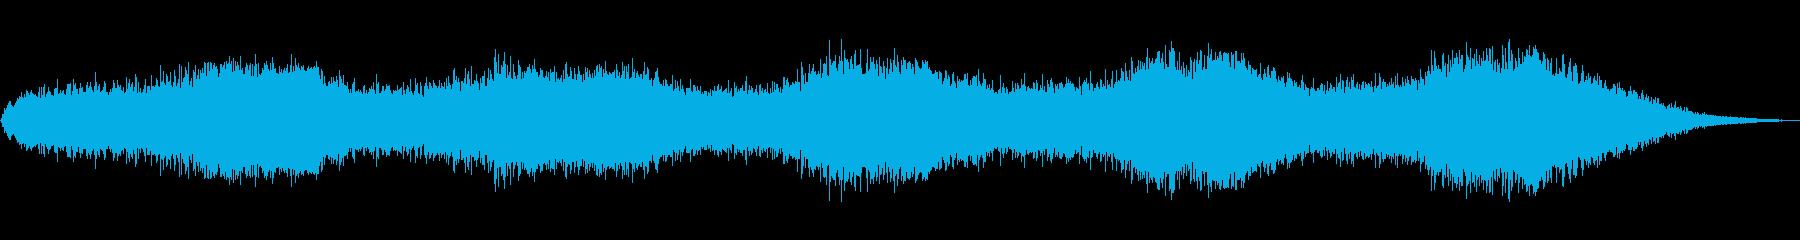 電動ハンドドリル:ドリルドリルの再生済みの波形